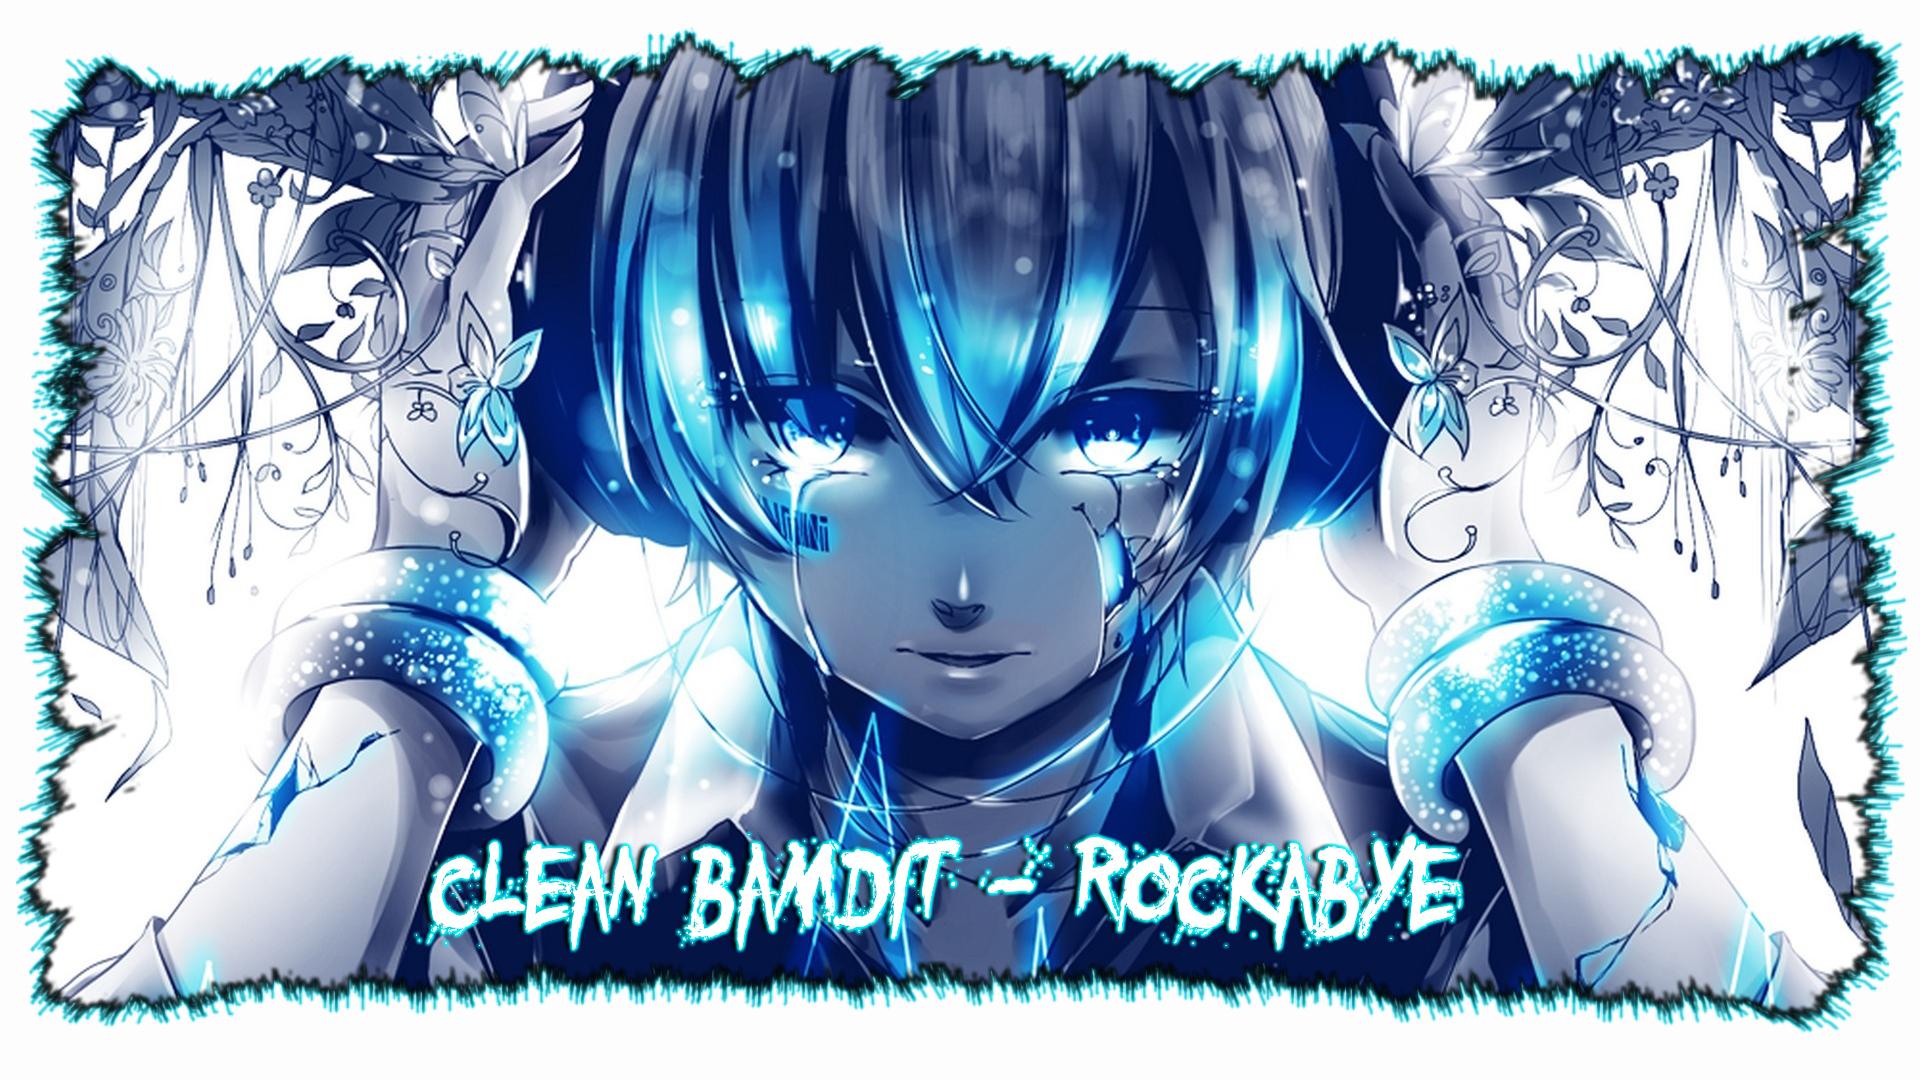 Wallpaper Nightcore Rockabye by